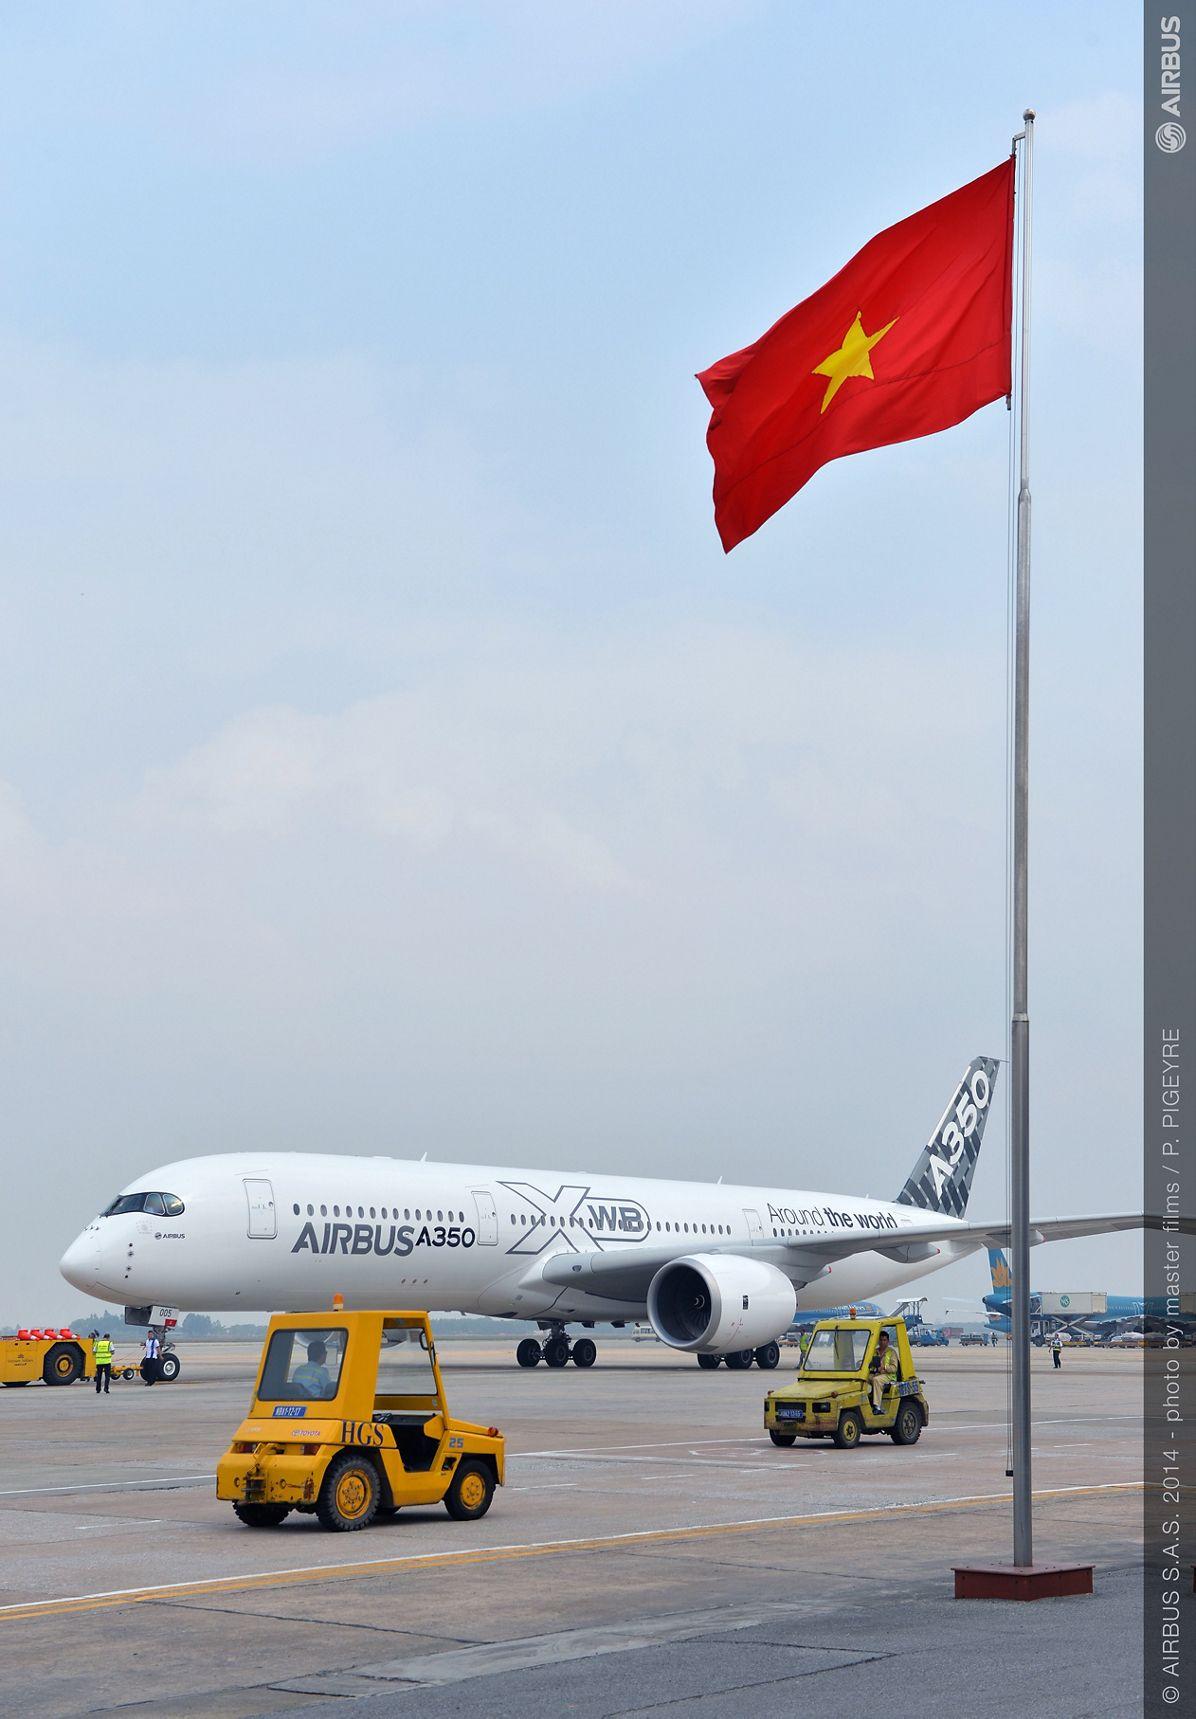 AviancaTaca adquiere 51 ecoeficientes aviones A320